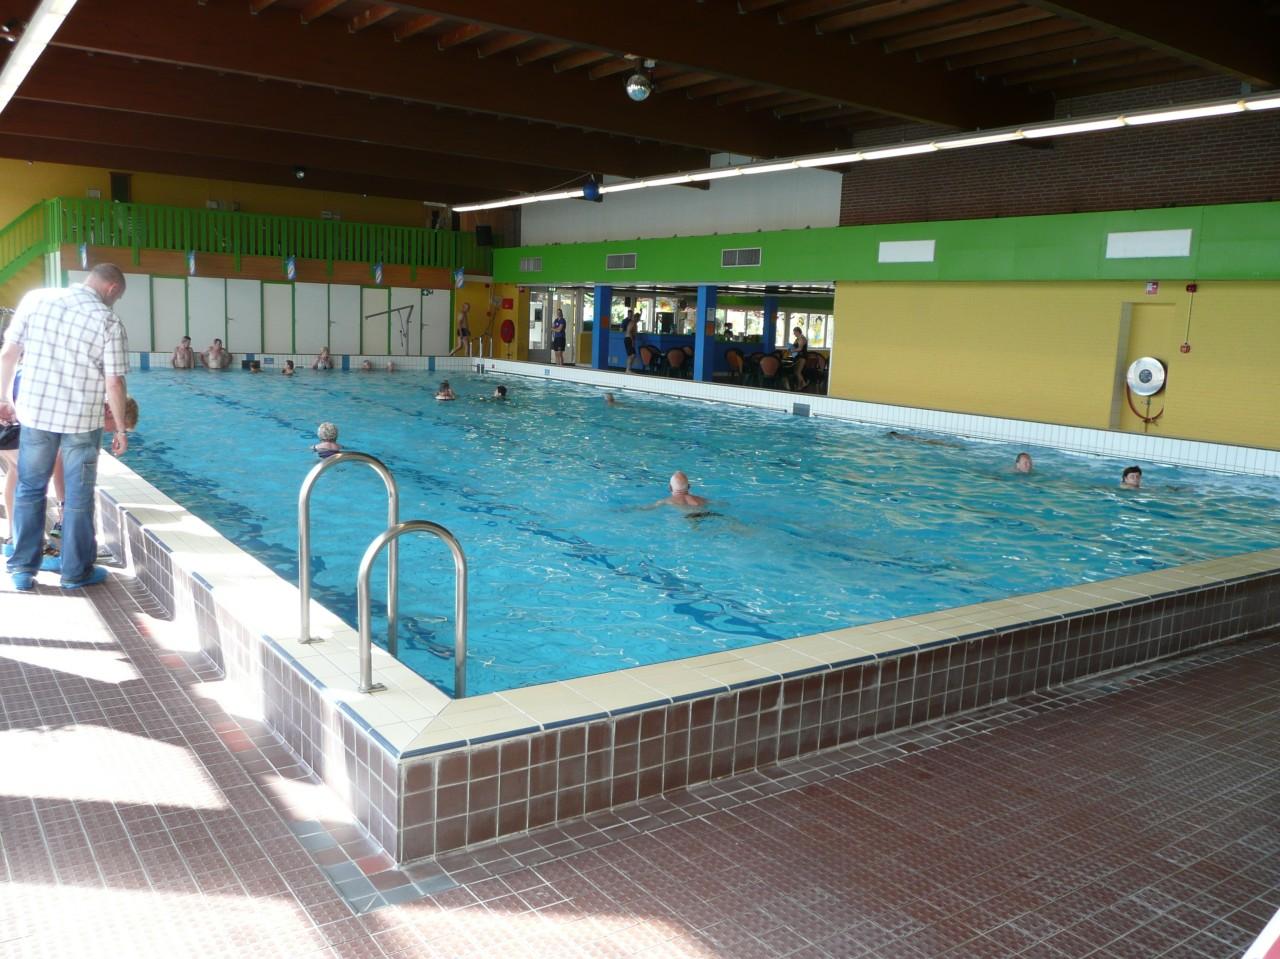 Zwembad arcen klein vink albumelement for Klein zwembad